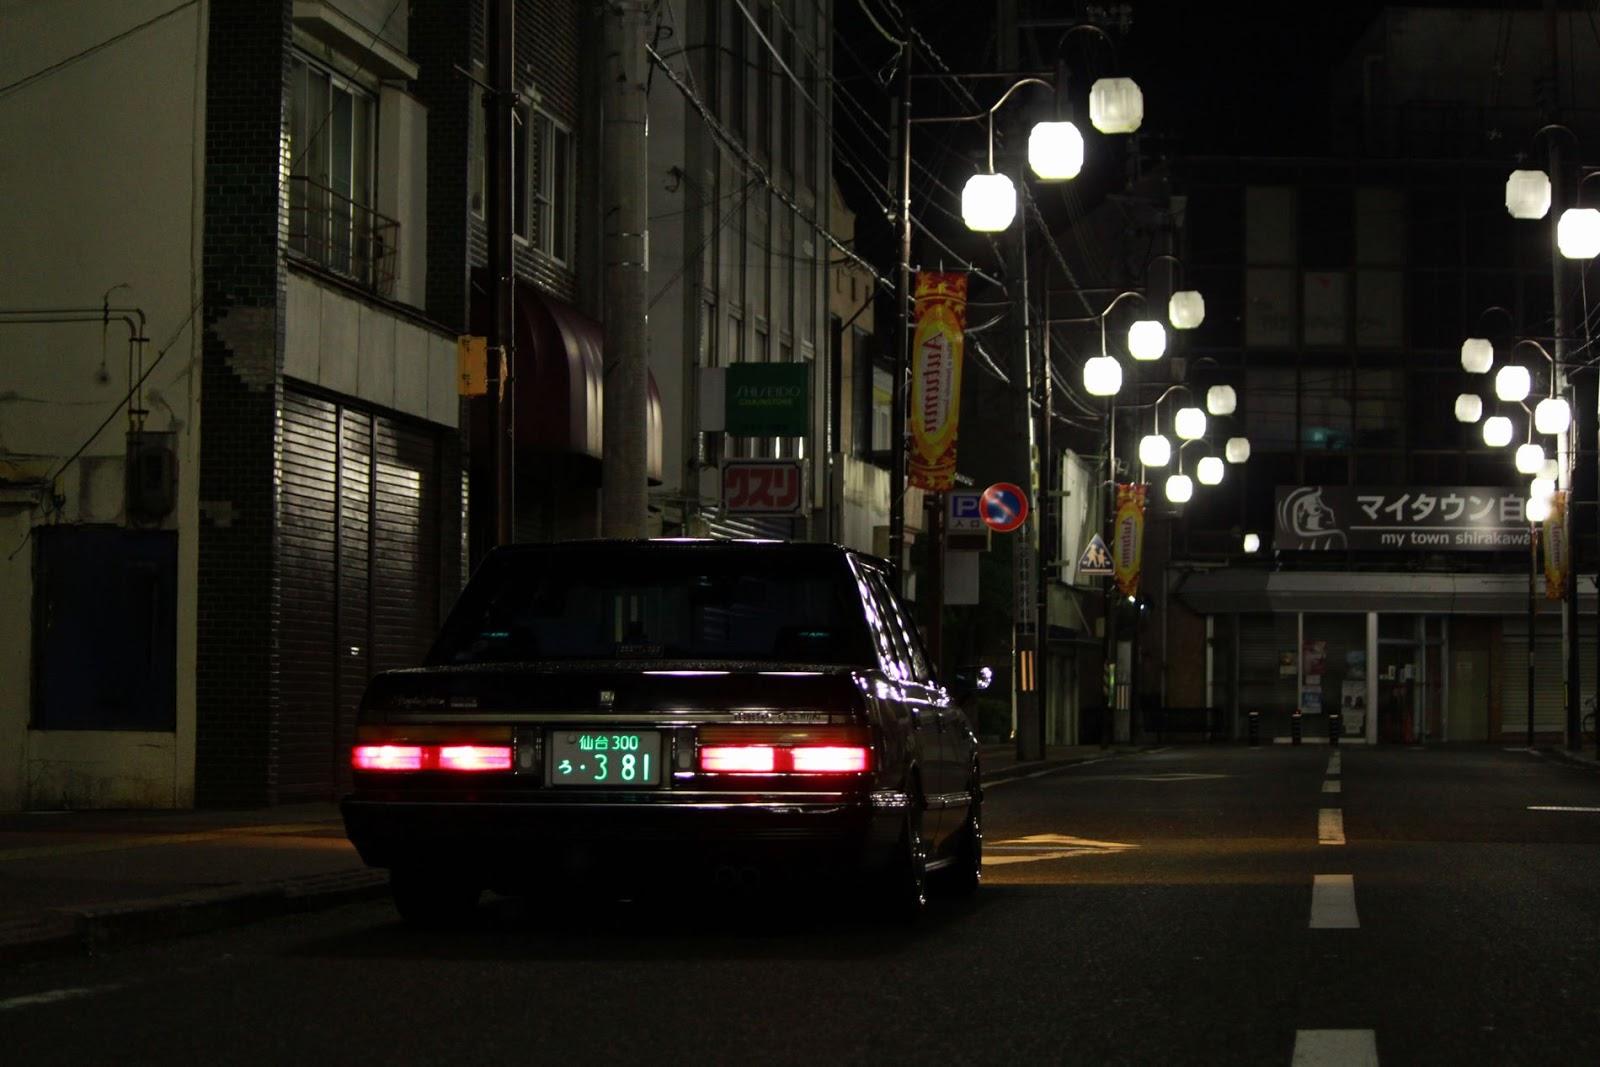 Toyota Crown S12, japoński samochód, motoryzacja, jdm, zdjęcia, fotki, photos, tuning, nocna fotografia, samochody nocą, po zmroku, auto, sedan, luksusowy, komfortowy, wysoka jakość